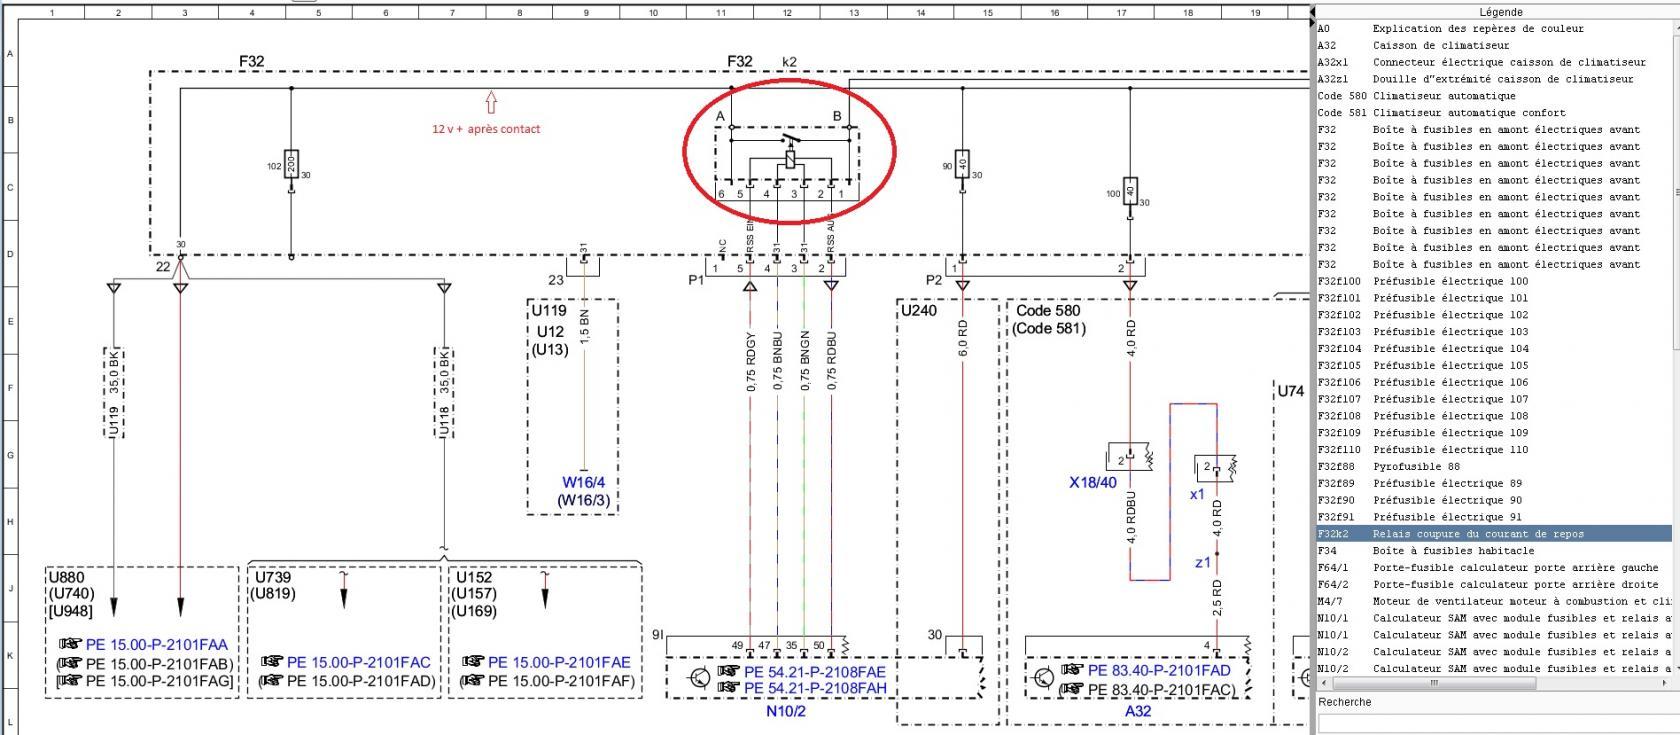 12v-apres-contact-WDD2040011A538960.jpeg